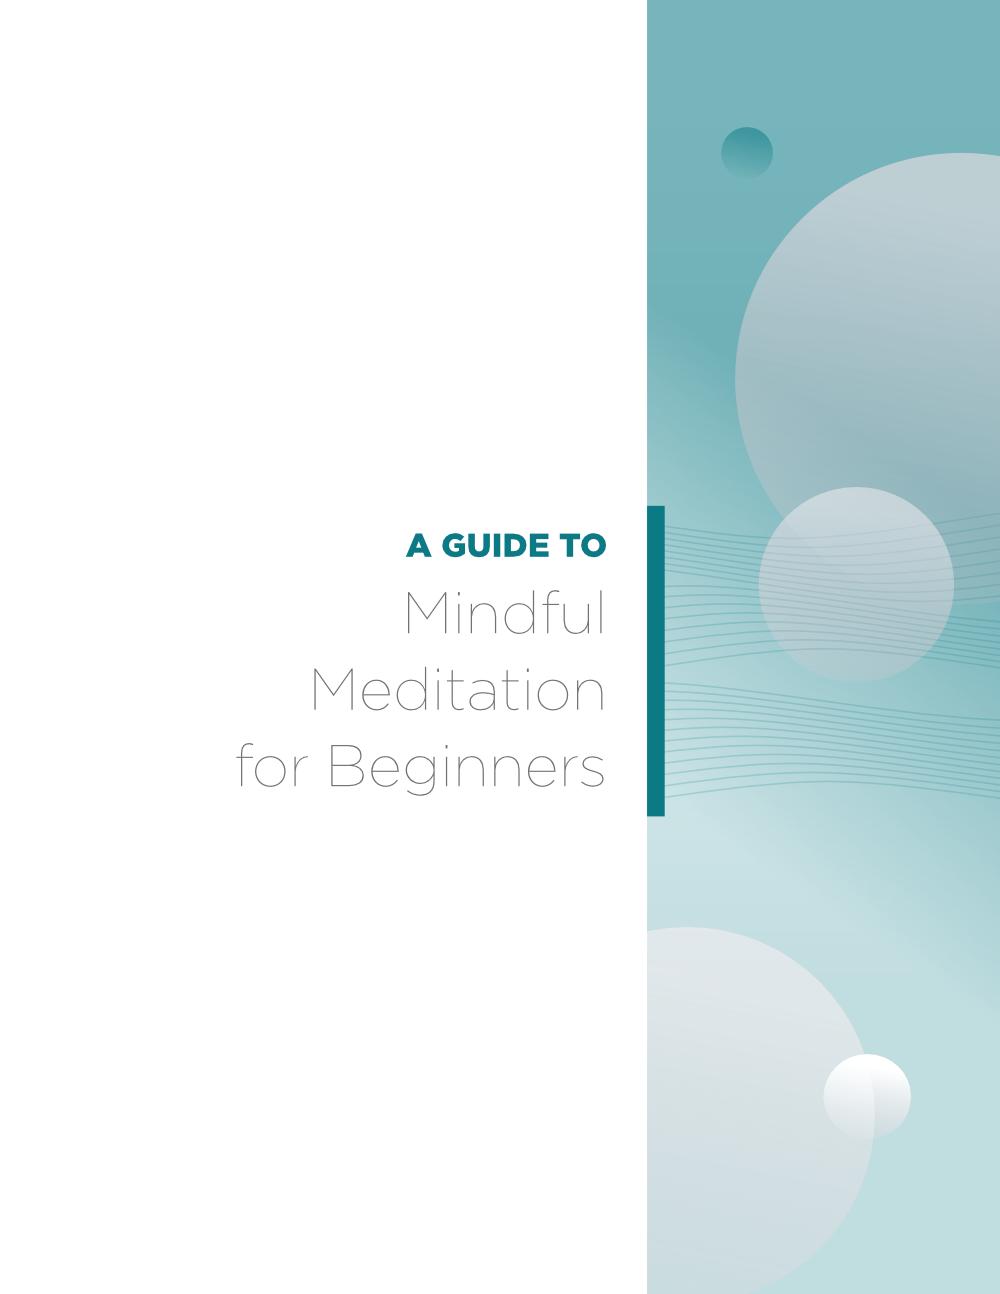 vim-meditation.png